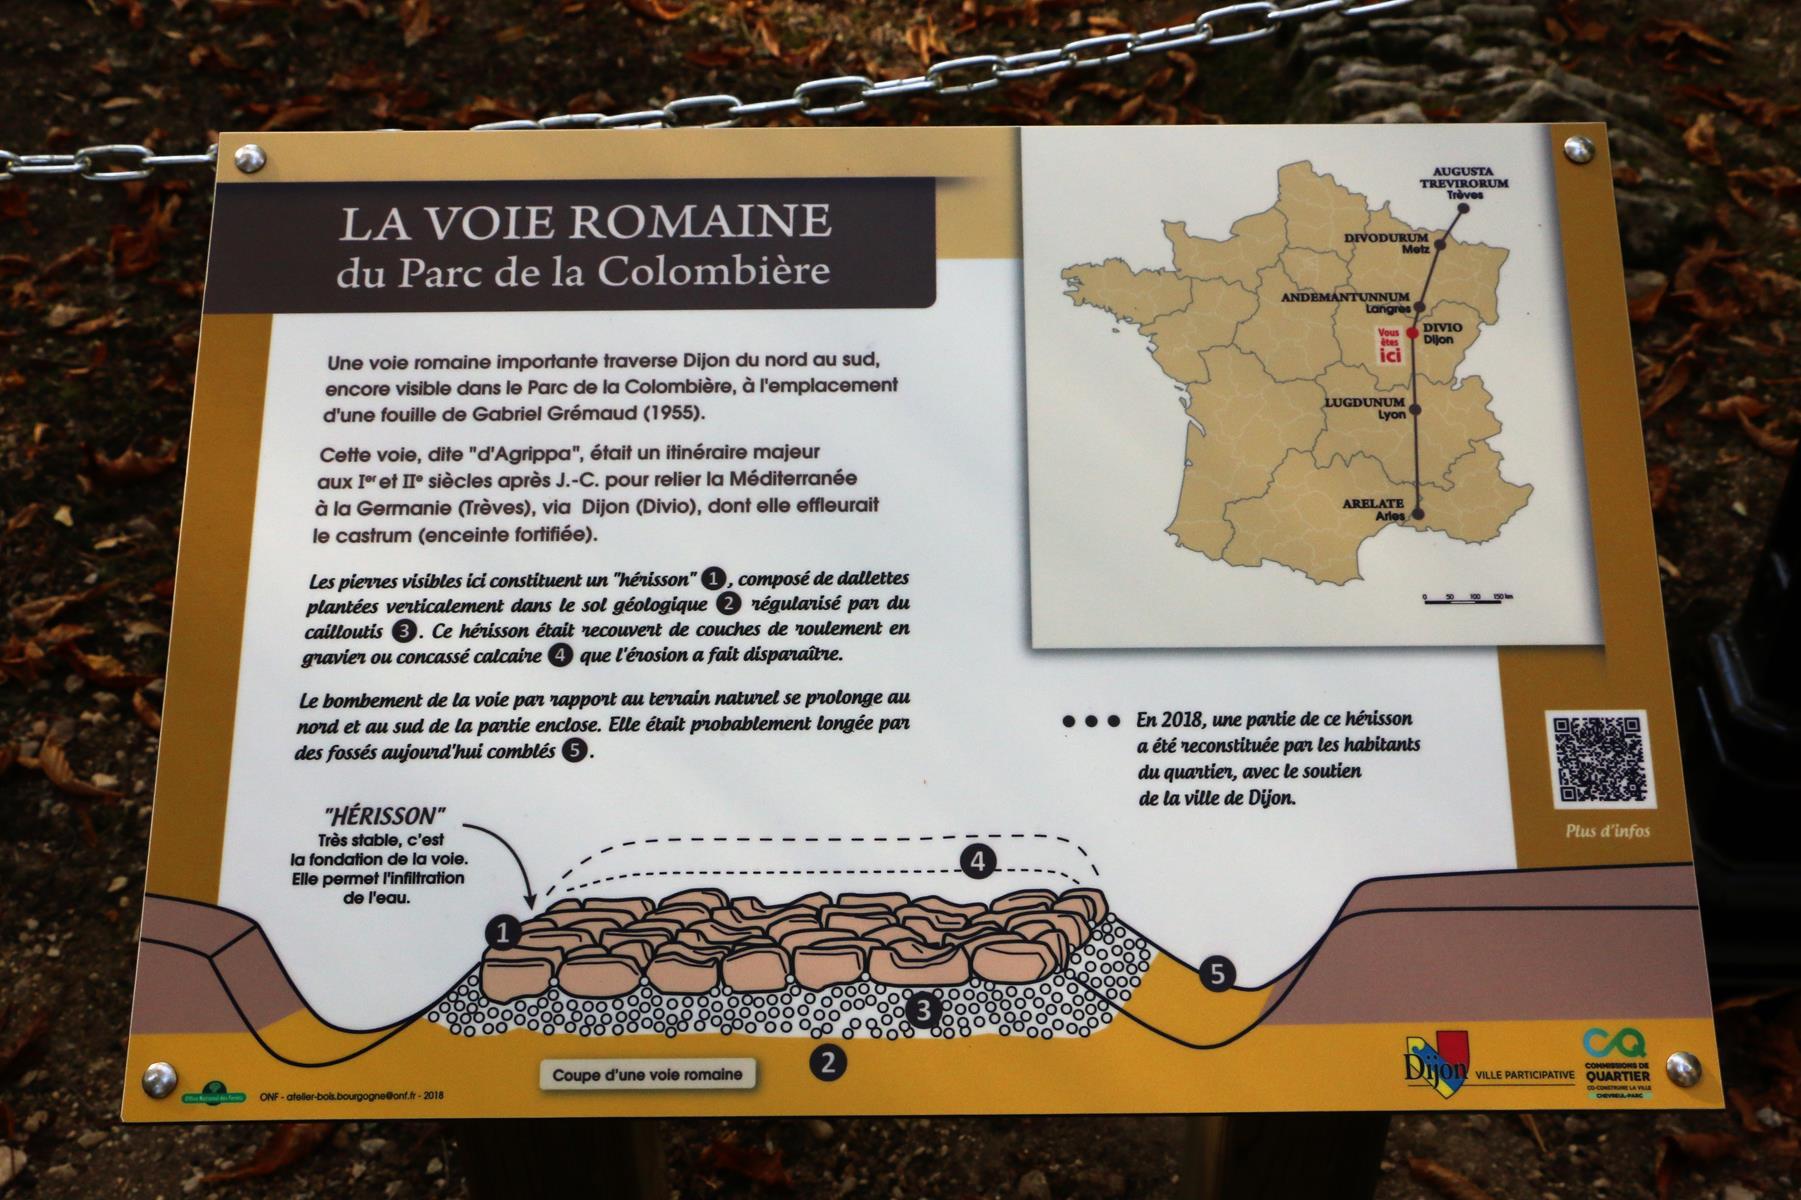 _copie-0_Voie romaine panneau 04 10 2018 (4)